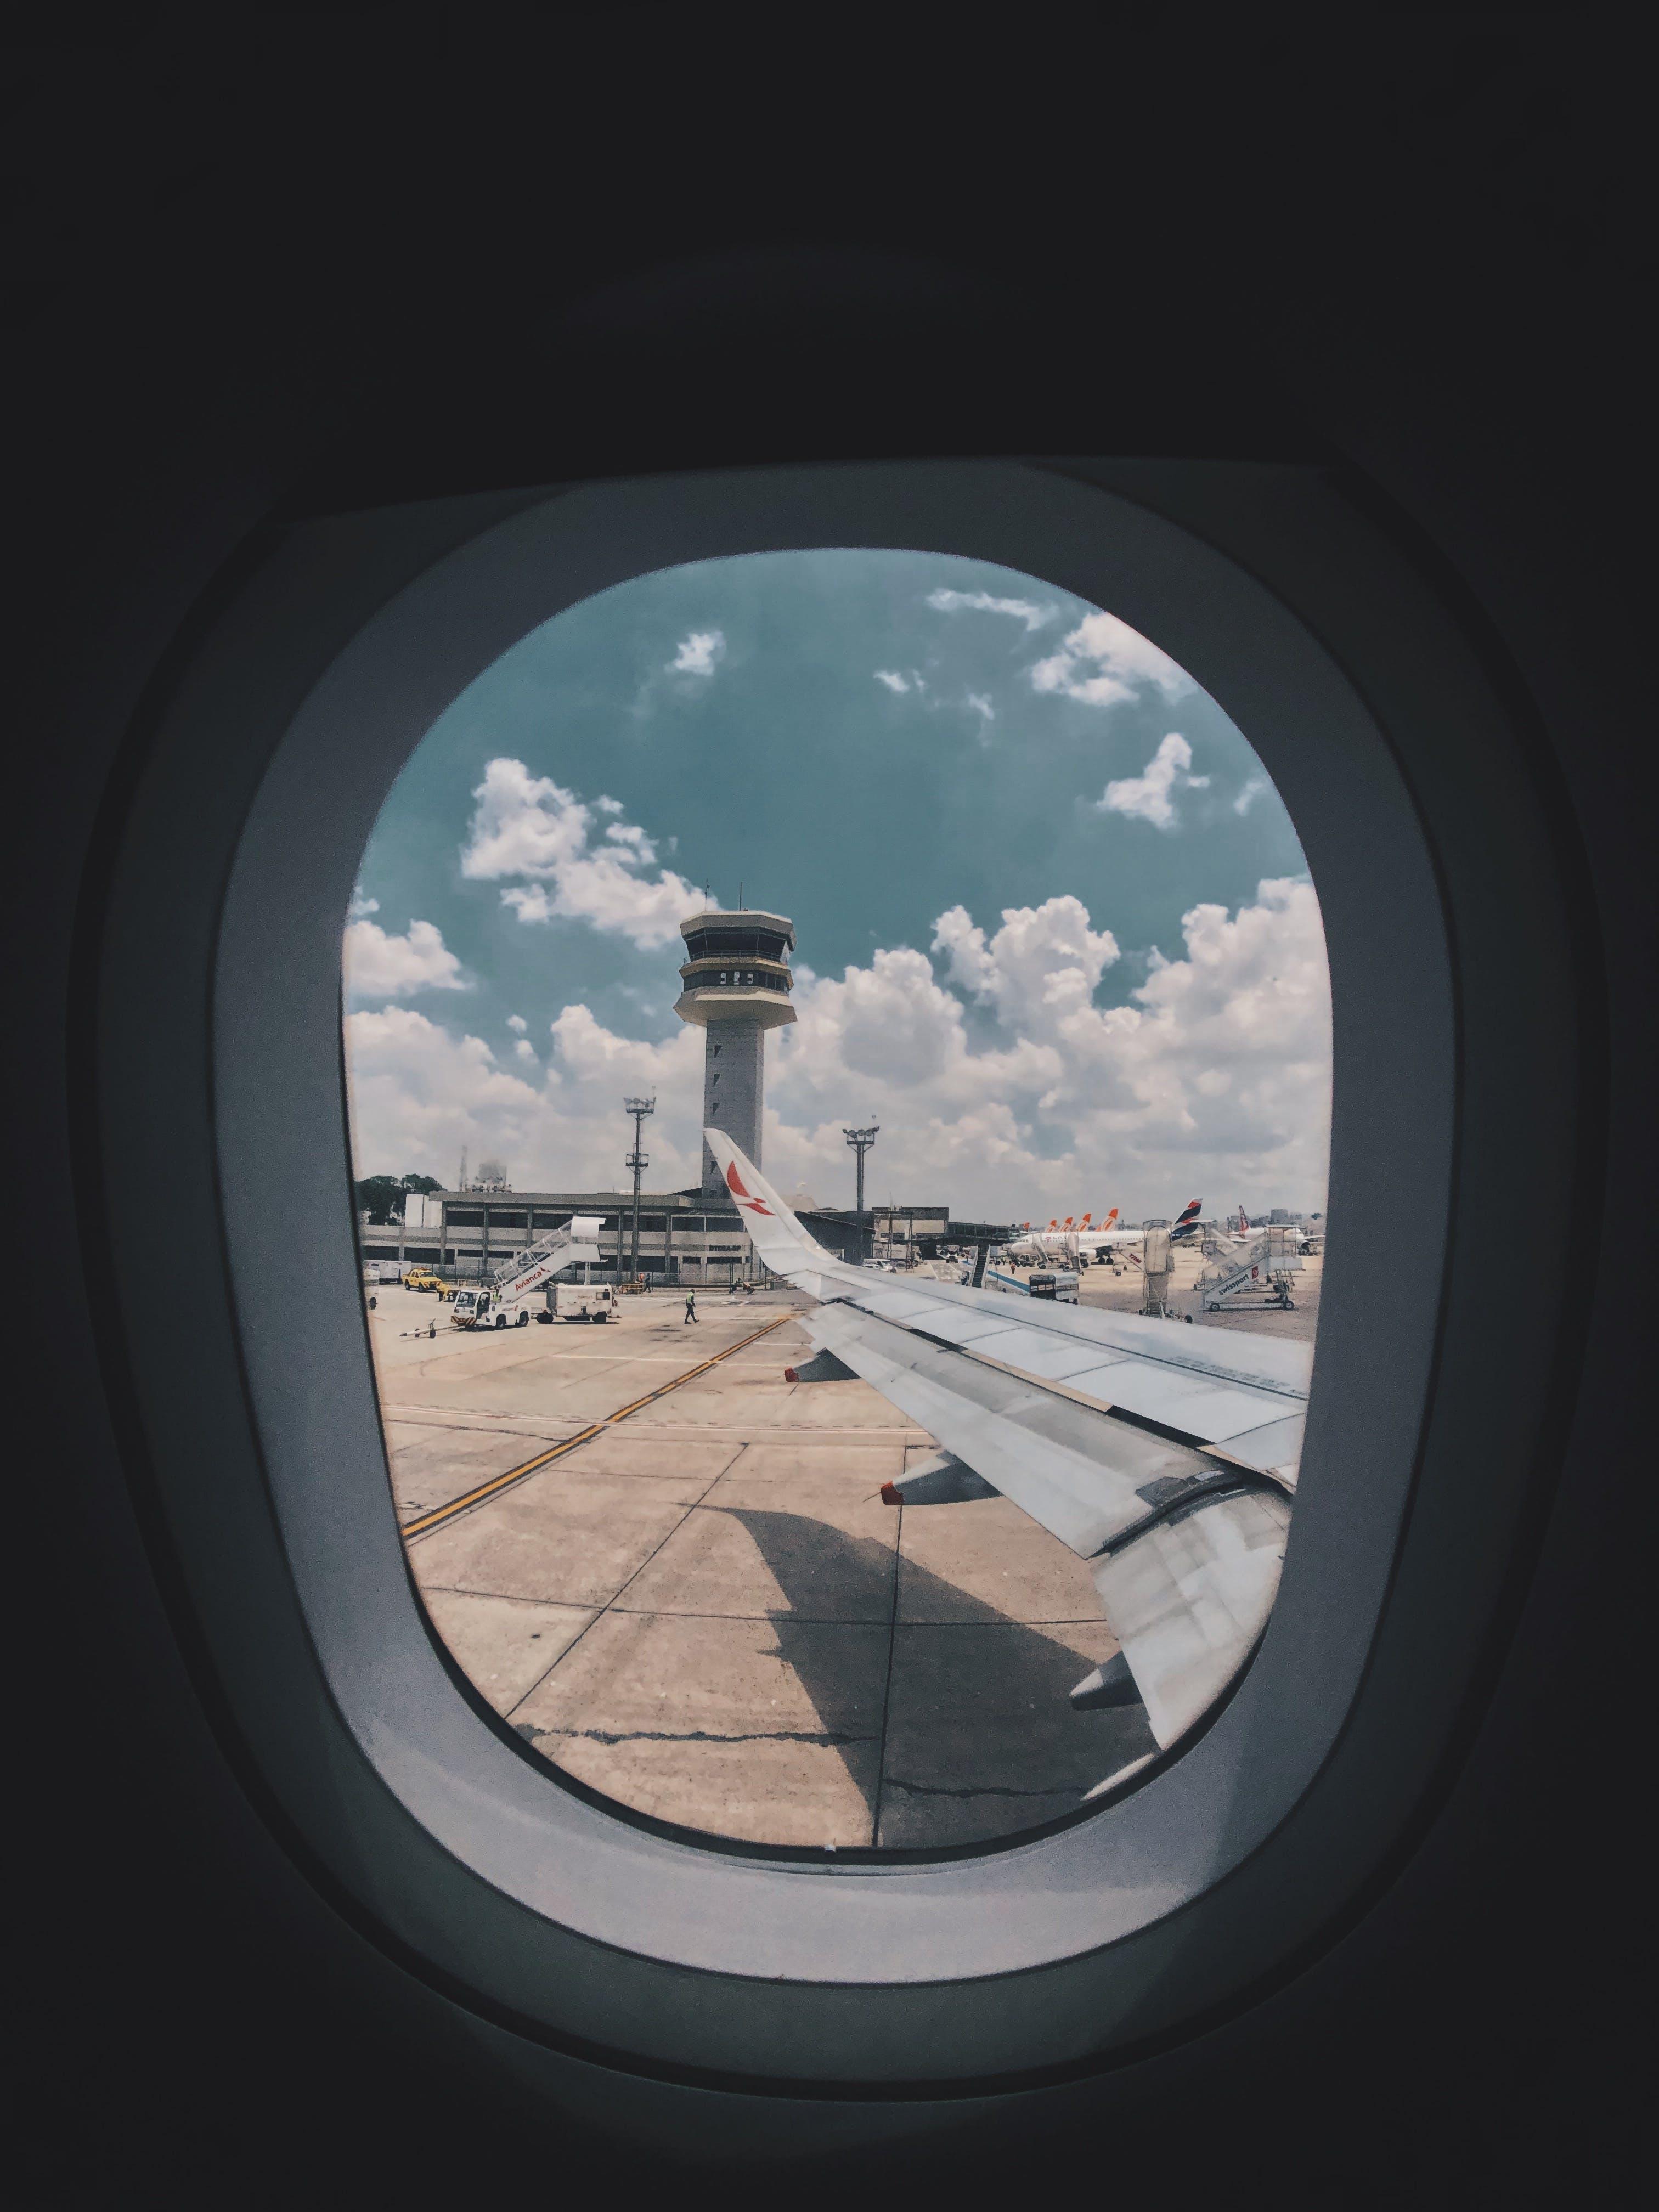 Δωρεάν στοκ φωτογραφιών με αεροδρόμιο, αεροπλάνα, αεροπλοΐα, αεροσκάφη